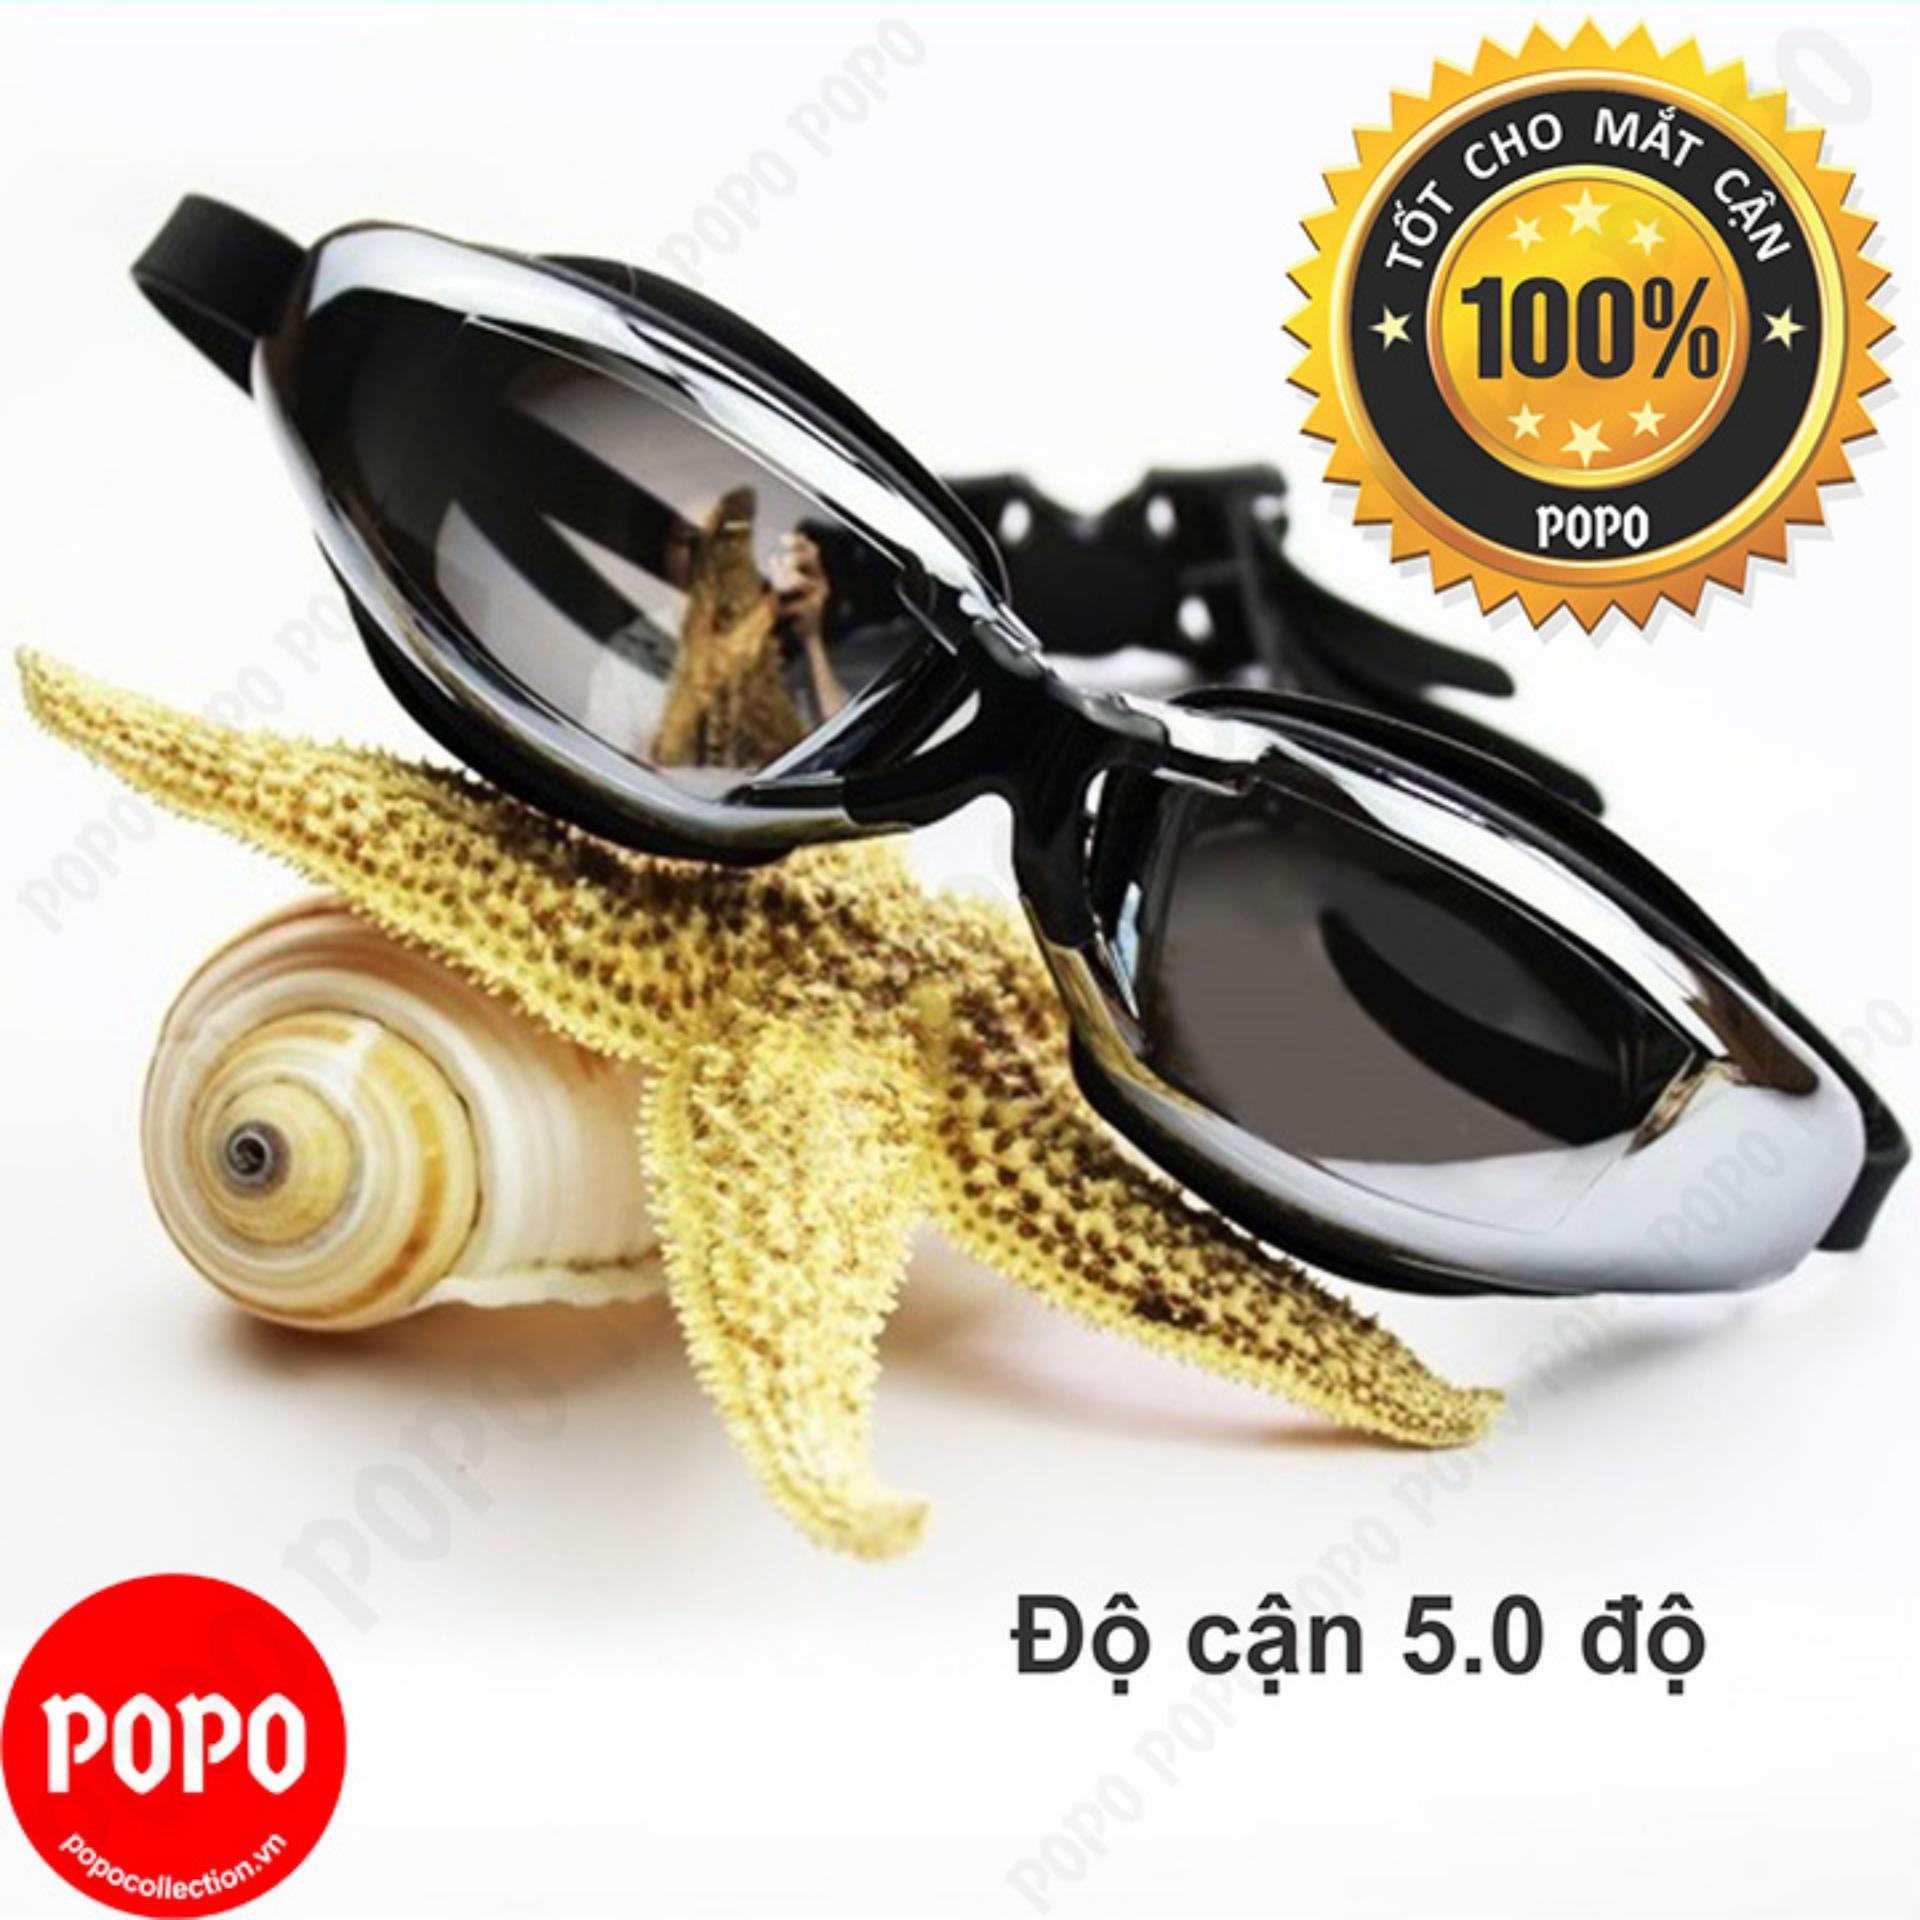 Hình ảnh Kính bơi CẬN 5.0 độ, tráng GƯƠNG, chống UV, chống HẤP HƠI, kính thời trang cao cấp + Quà Tặng 3M POPO Collection